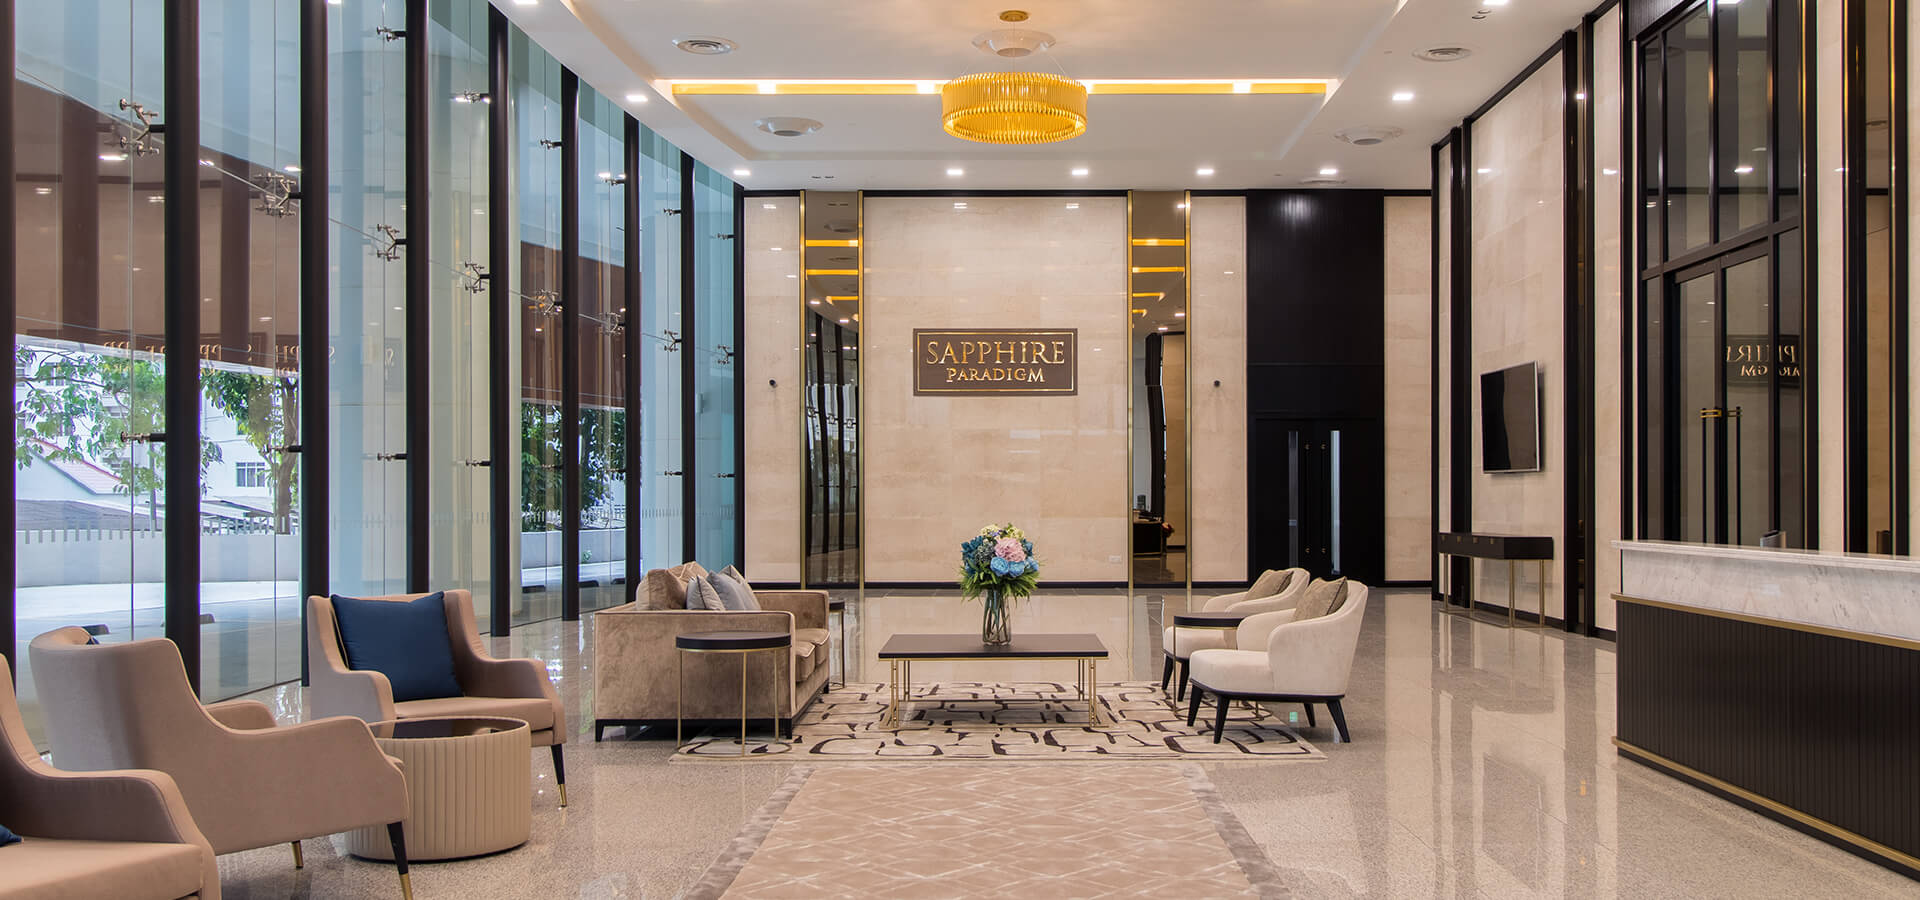 sapphire-paradigm-lobby-facilities-petaling-jaya-pj